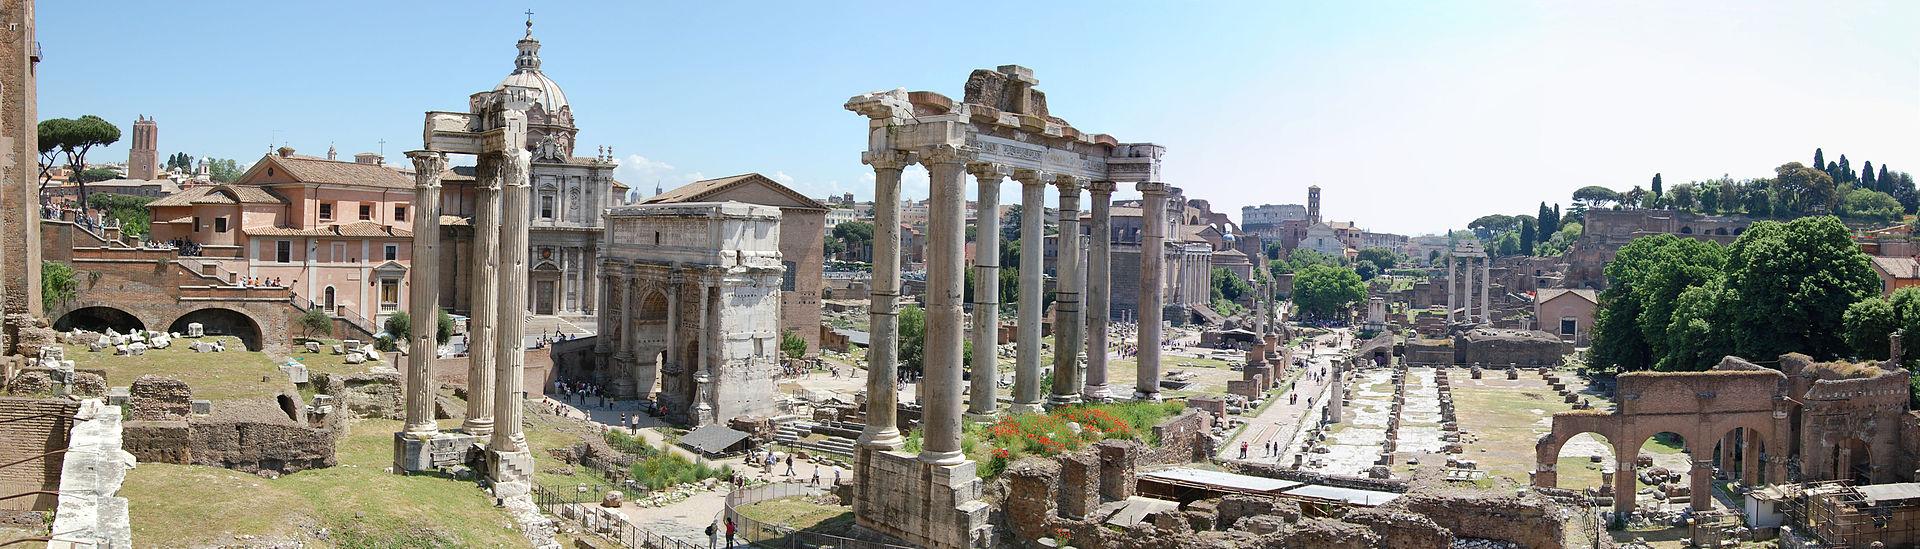 Tutti gli eventi gratuiti nel ponte del 2 giugno a Roma. Dal Colosseo ai Musei civici, fino ai giardini del Quirinale